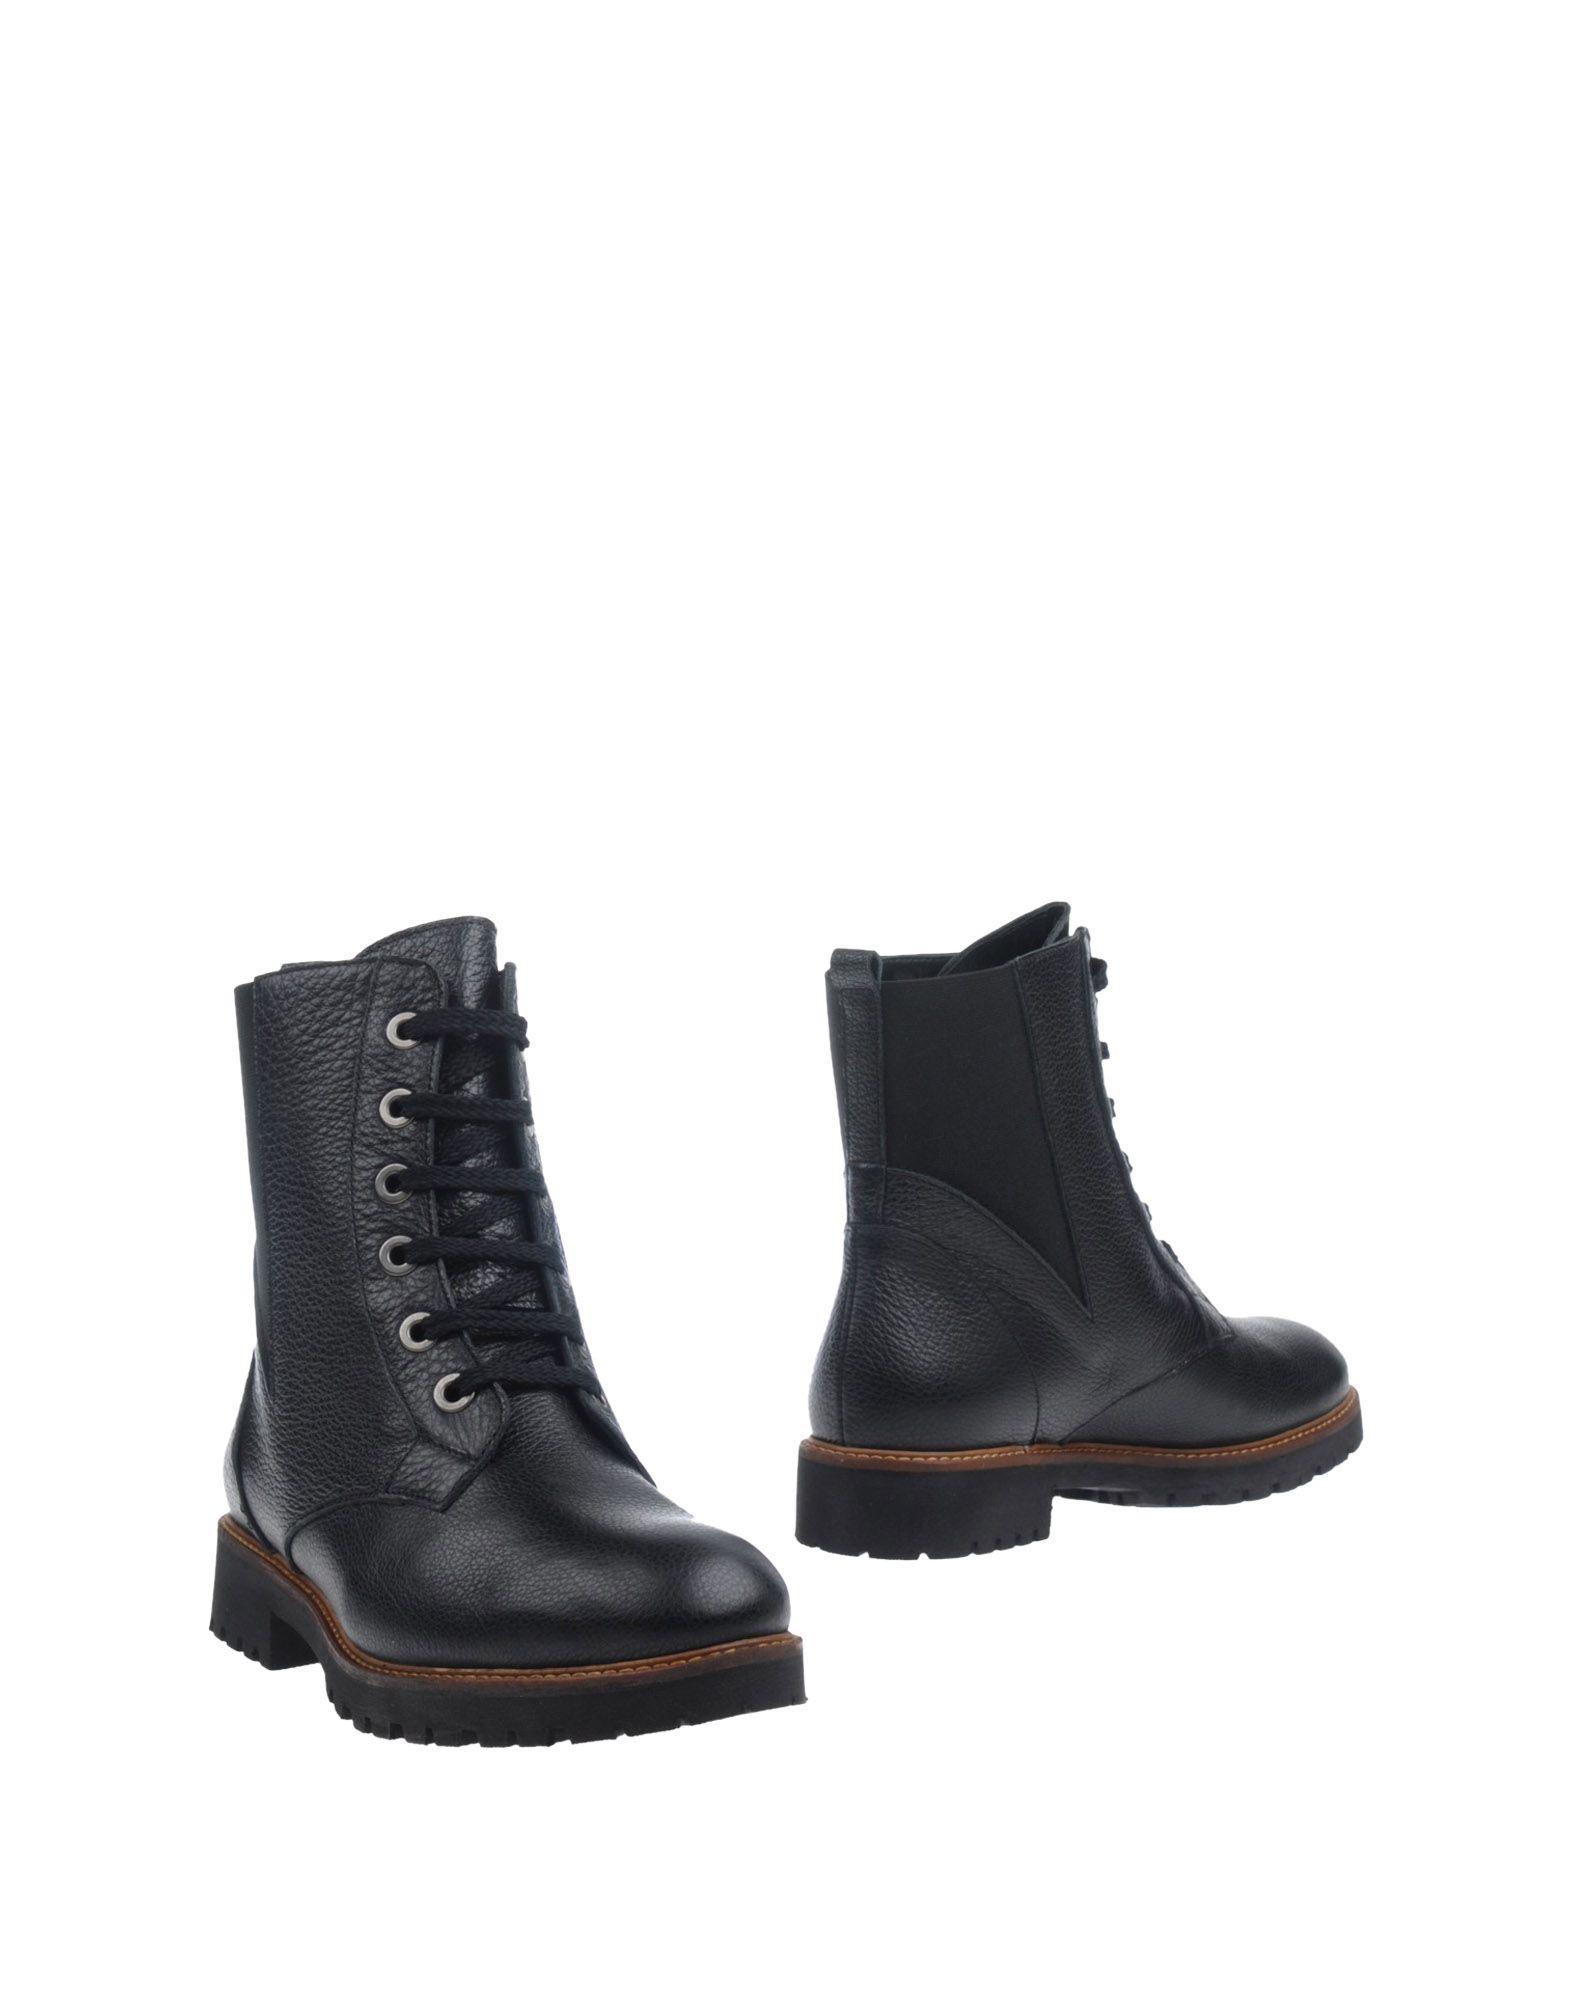 Fiorangelo Stiefelette Damen  11291399RL Gute Qualität beliebte Schuhe